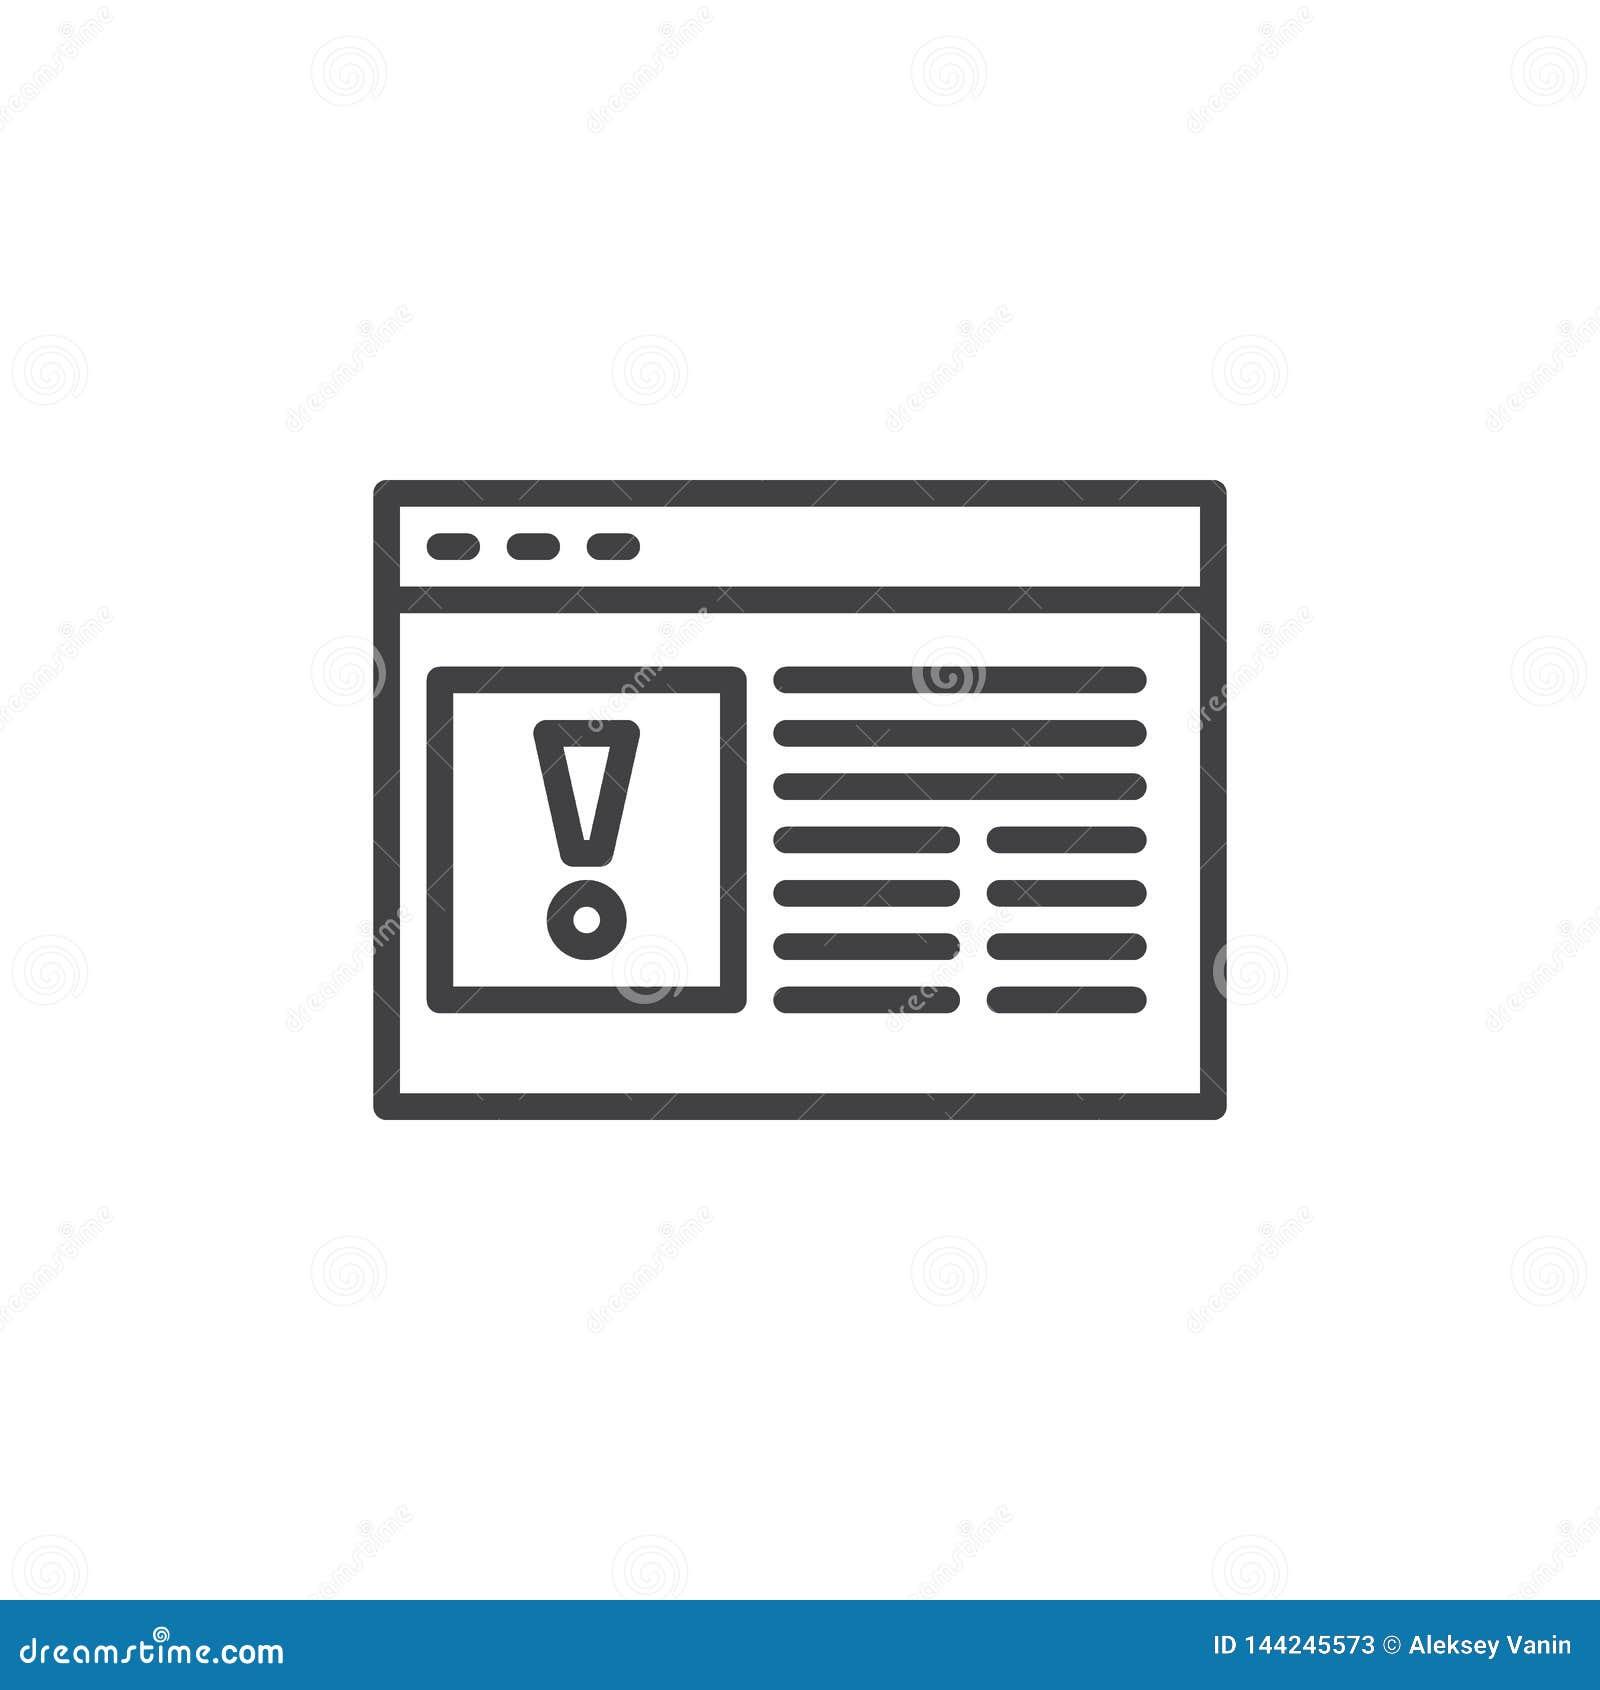 Web page error line icon